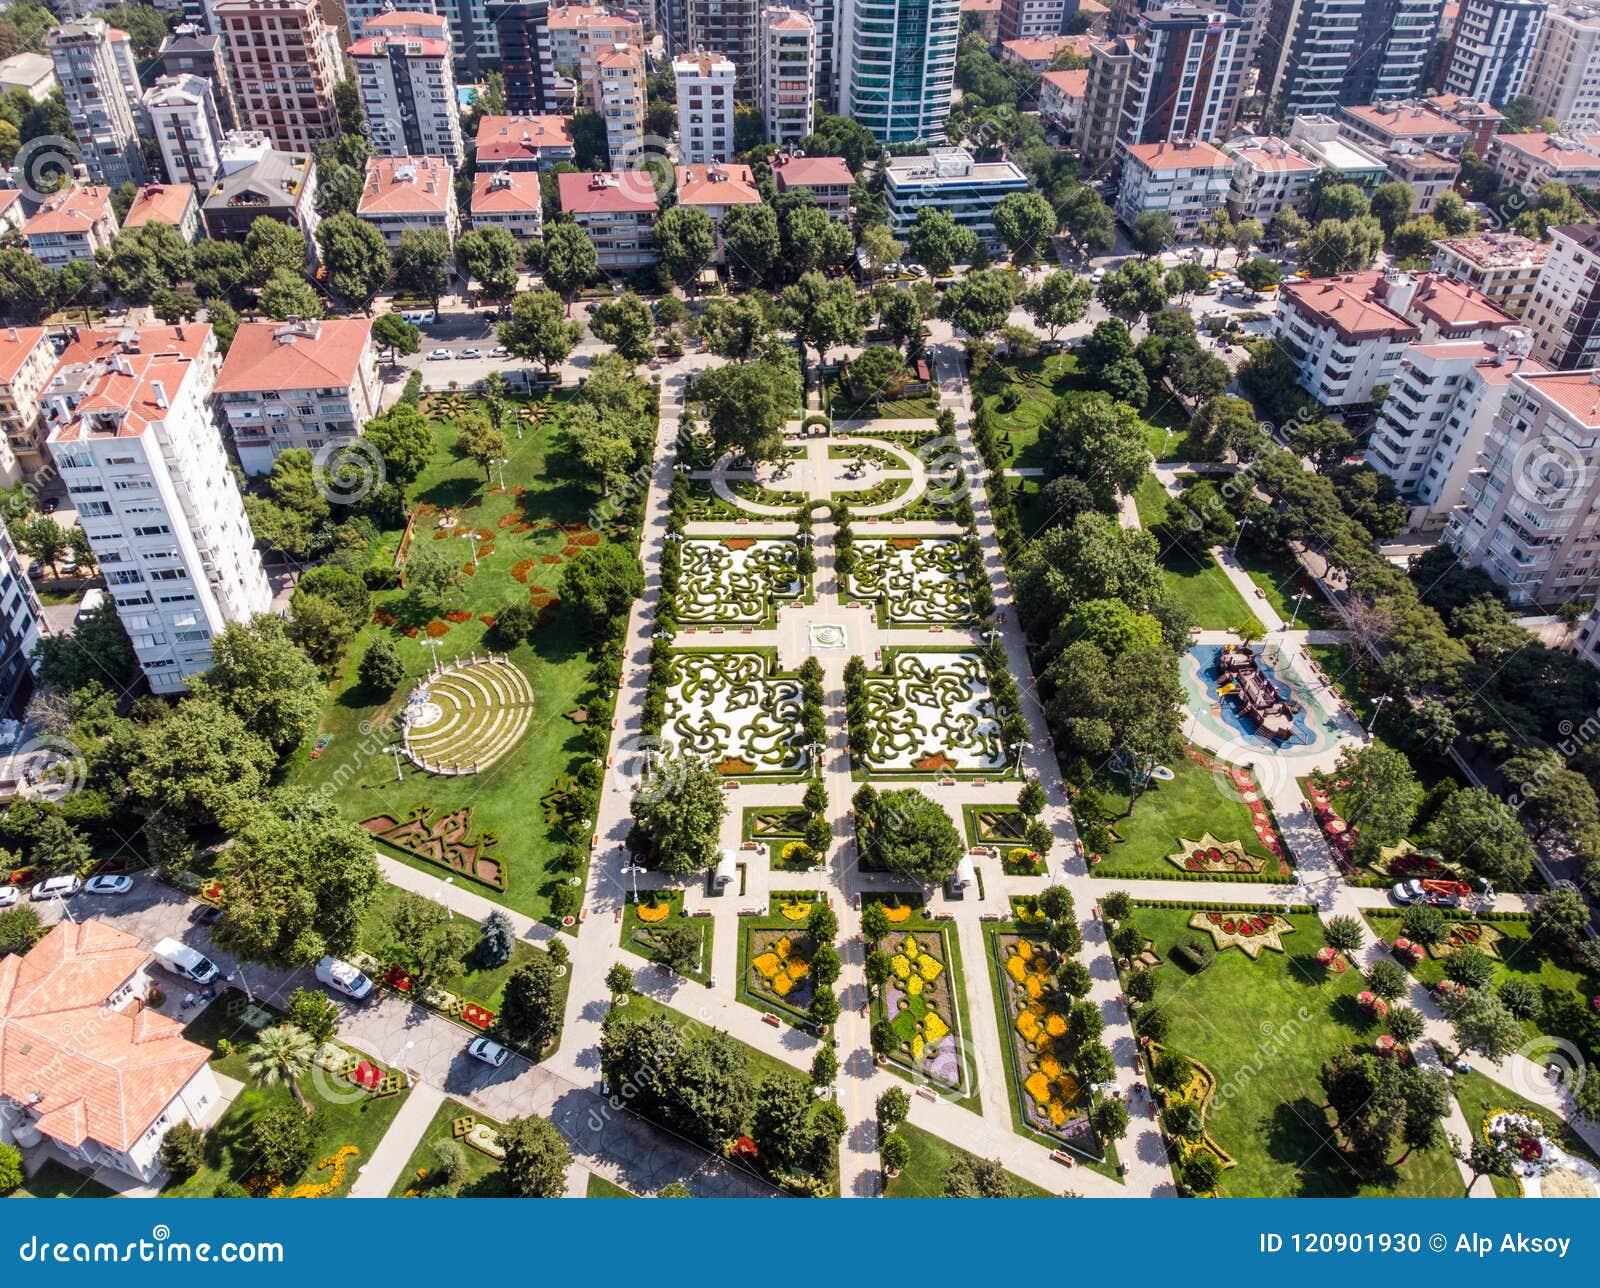 Luftbrummen-Ansicht des 60. Jahr-Parks Goztepe gelegen in Kadikoy, Istanbul